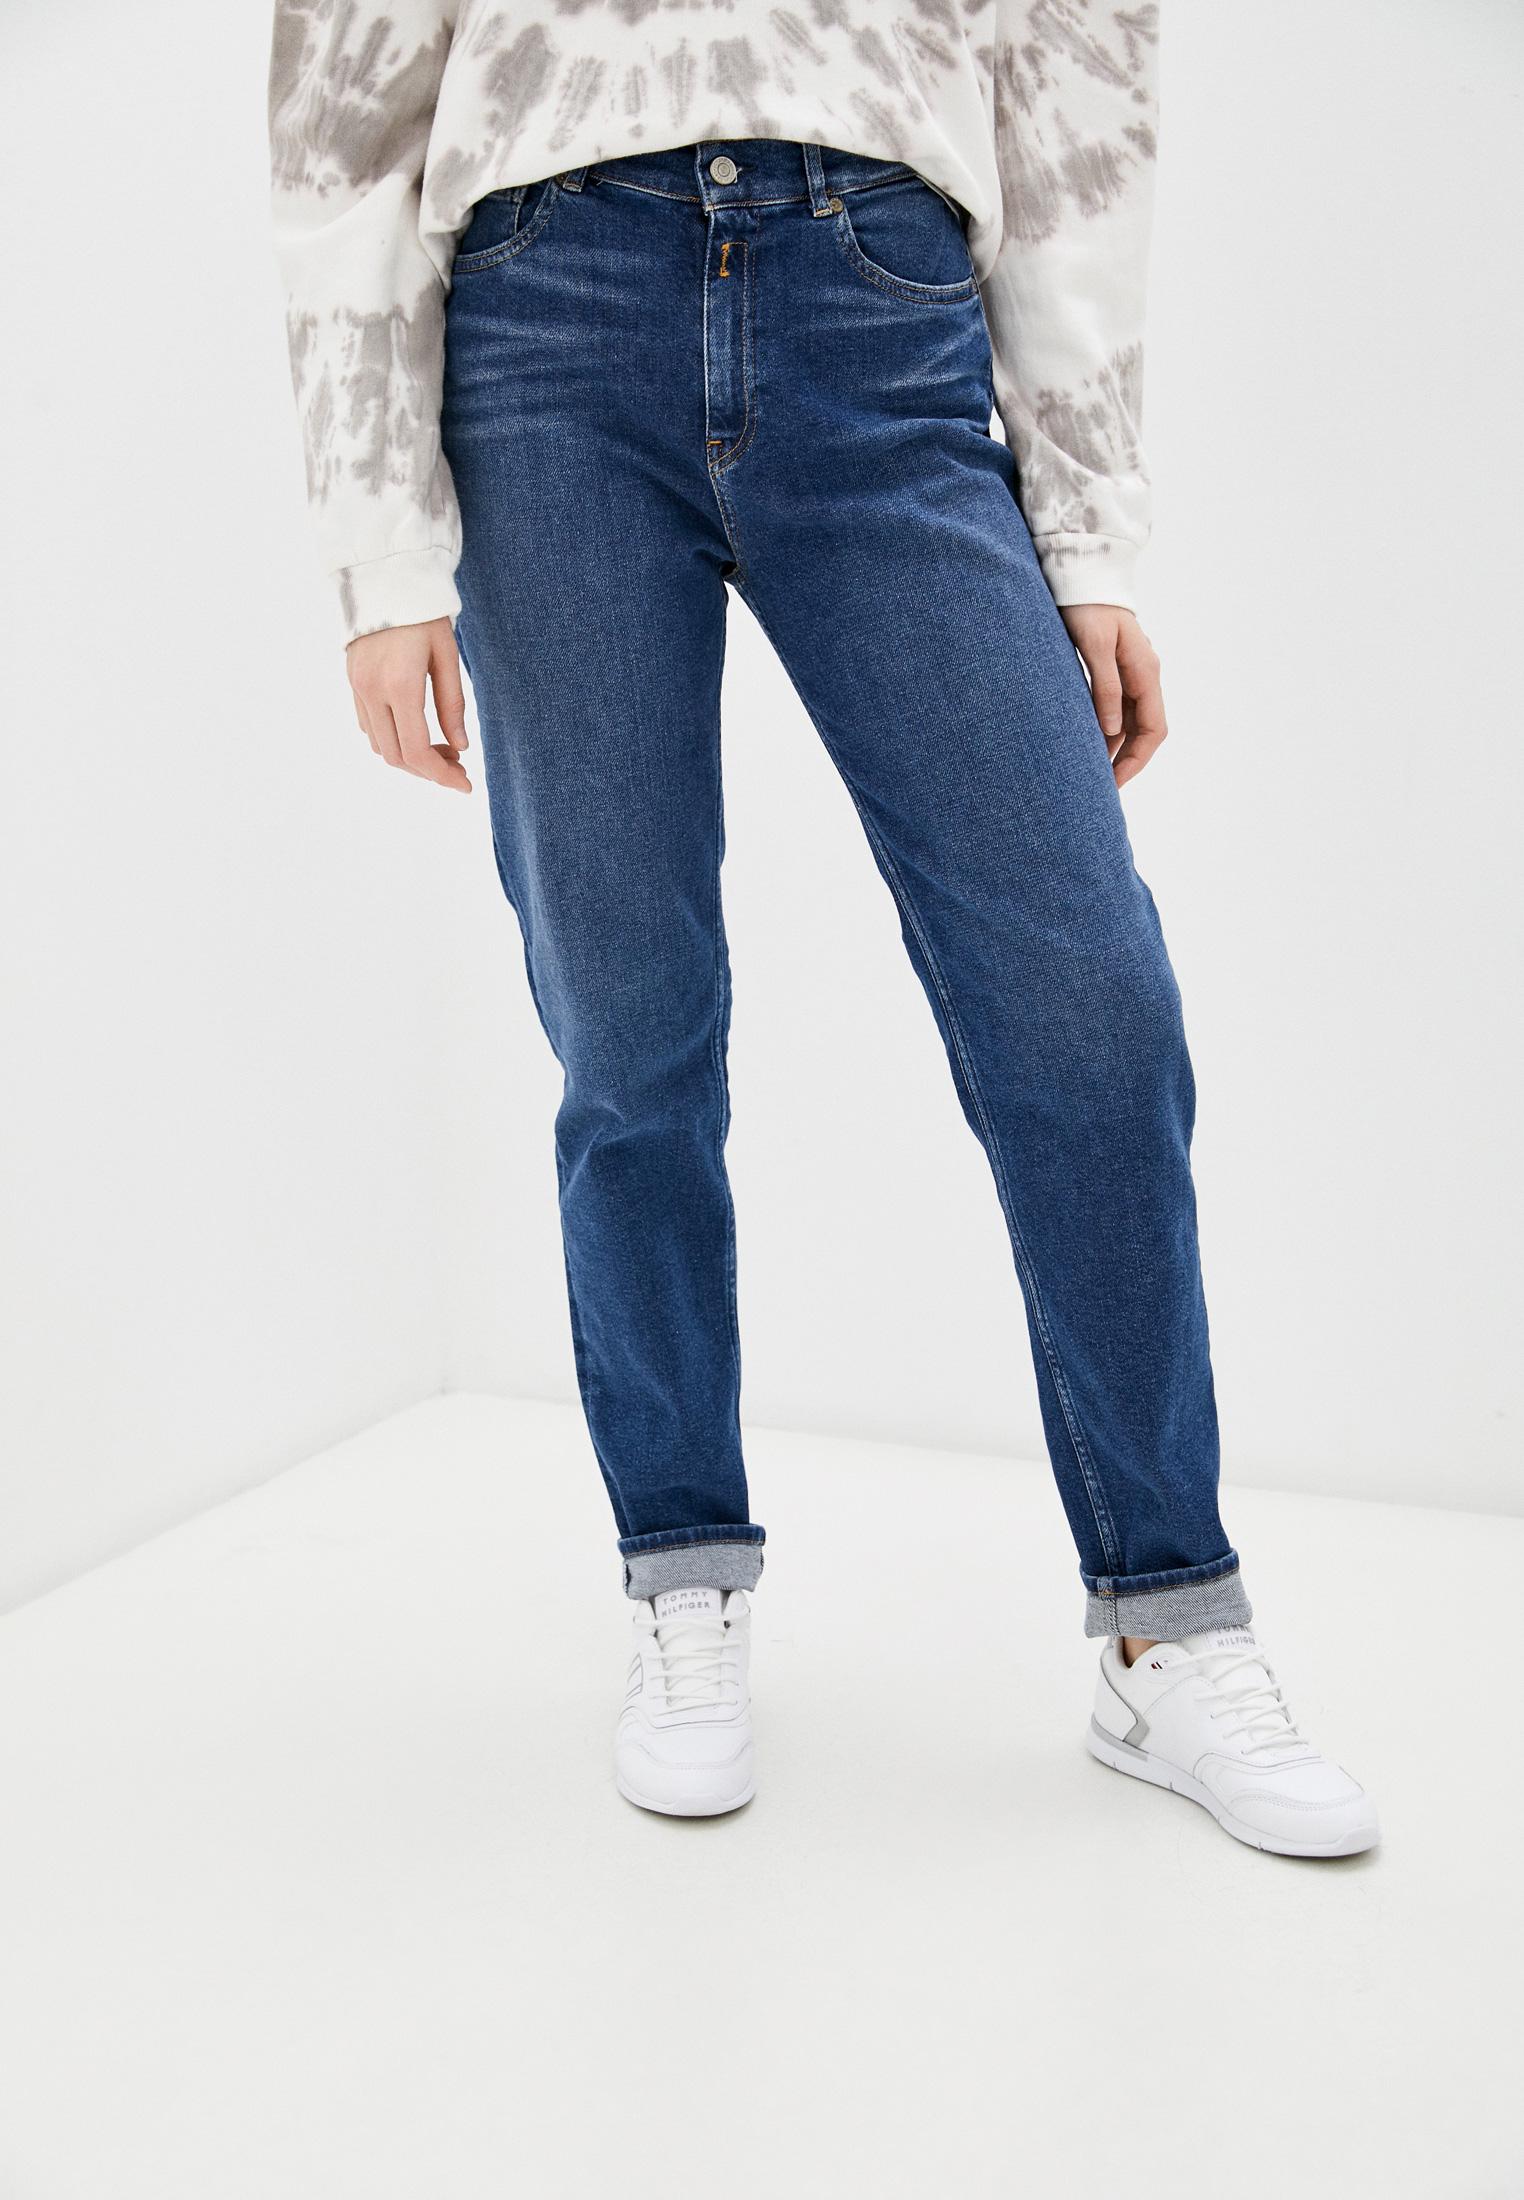 Прямые джинсы Replay (Реплей) Джинсы Replay